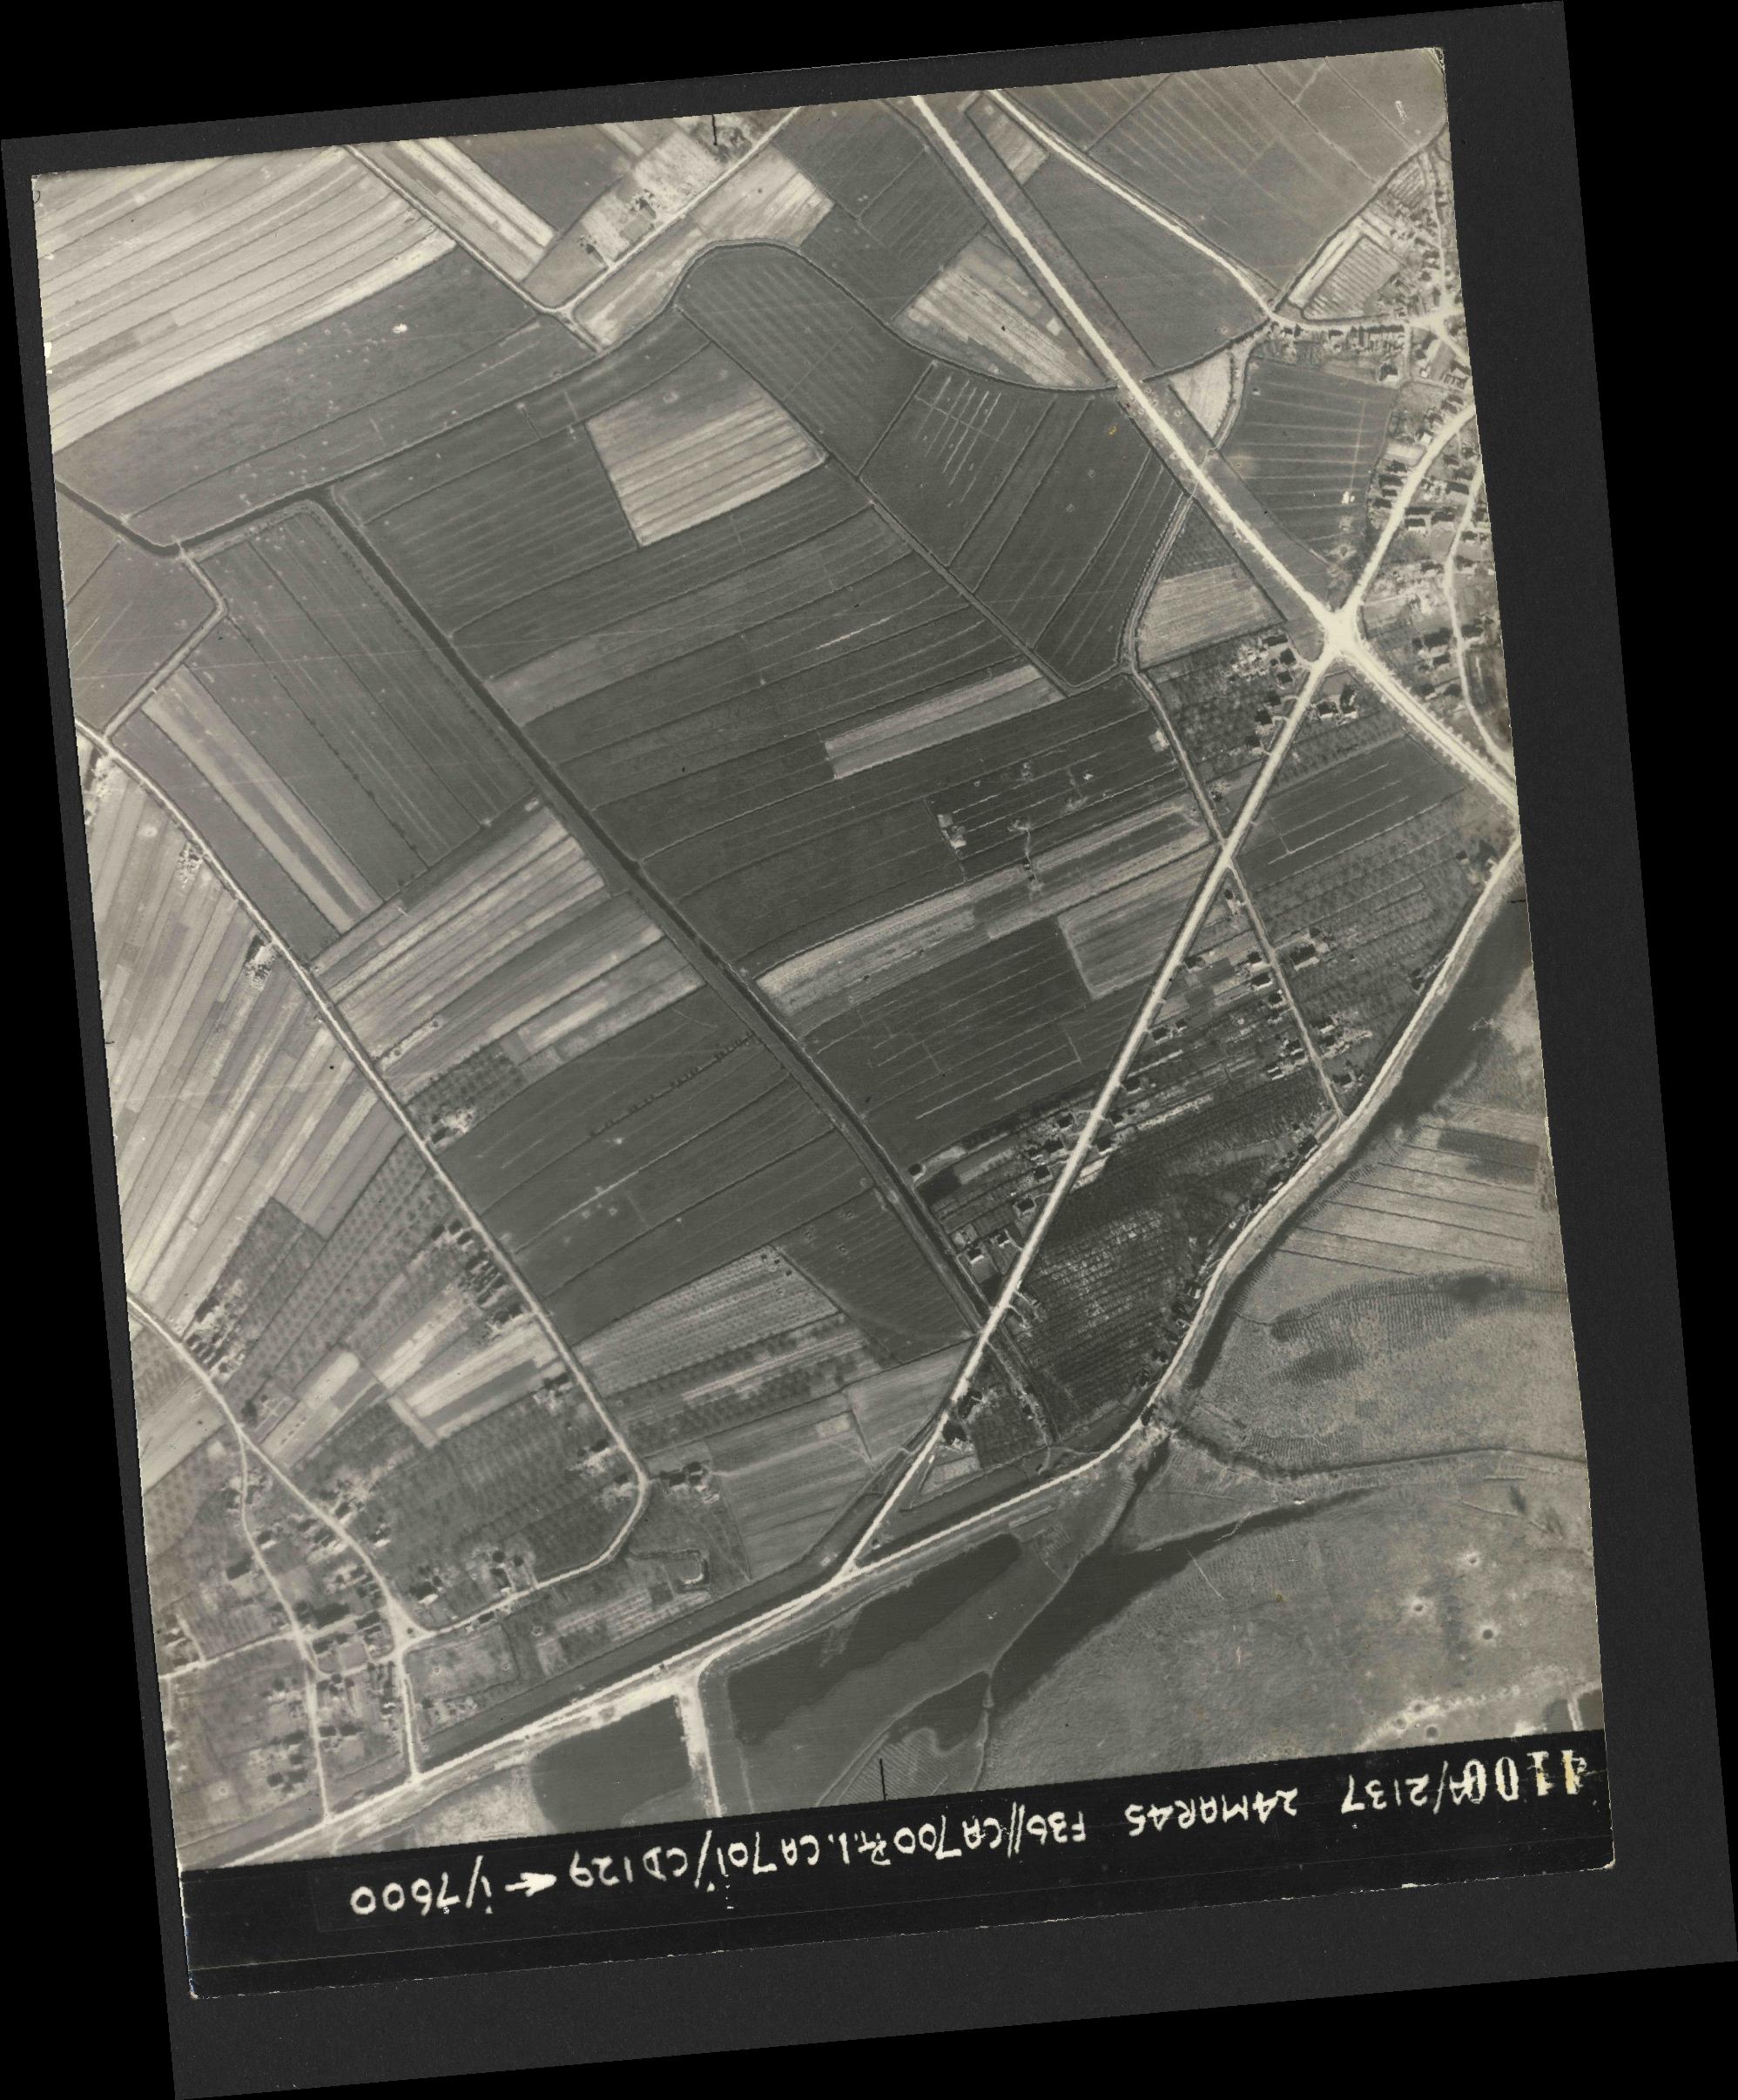 Collection RAF aerial photos 1940-1945 - flight 054, run 08, photo 4100